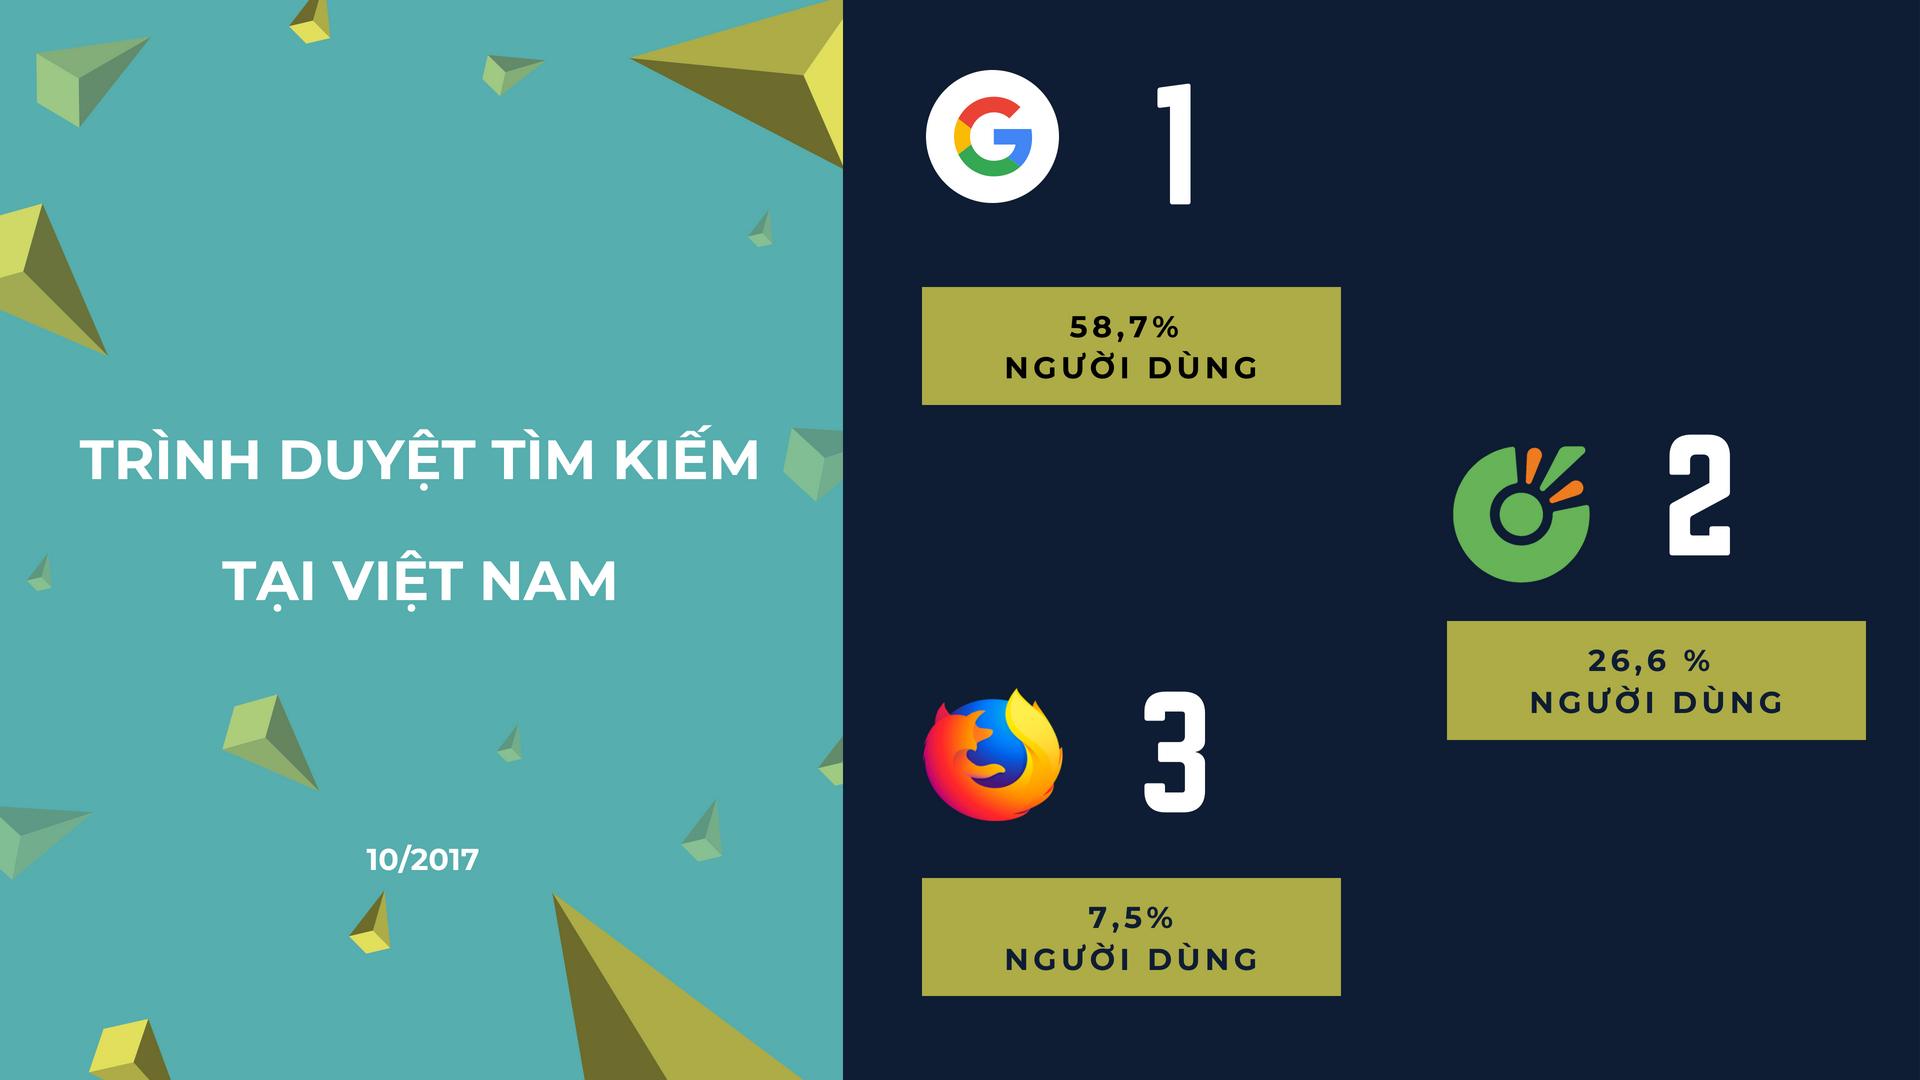 Các công cụ tìm kiếm được sử dụng tại Việt Nam.